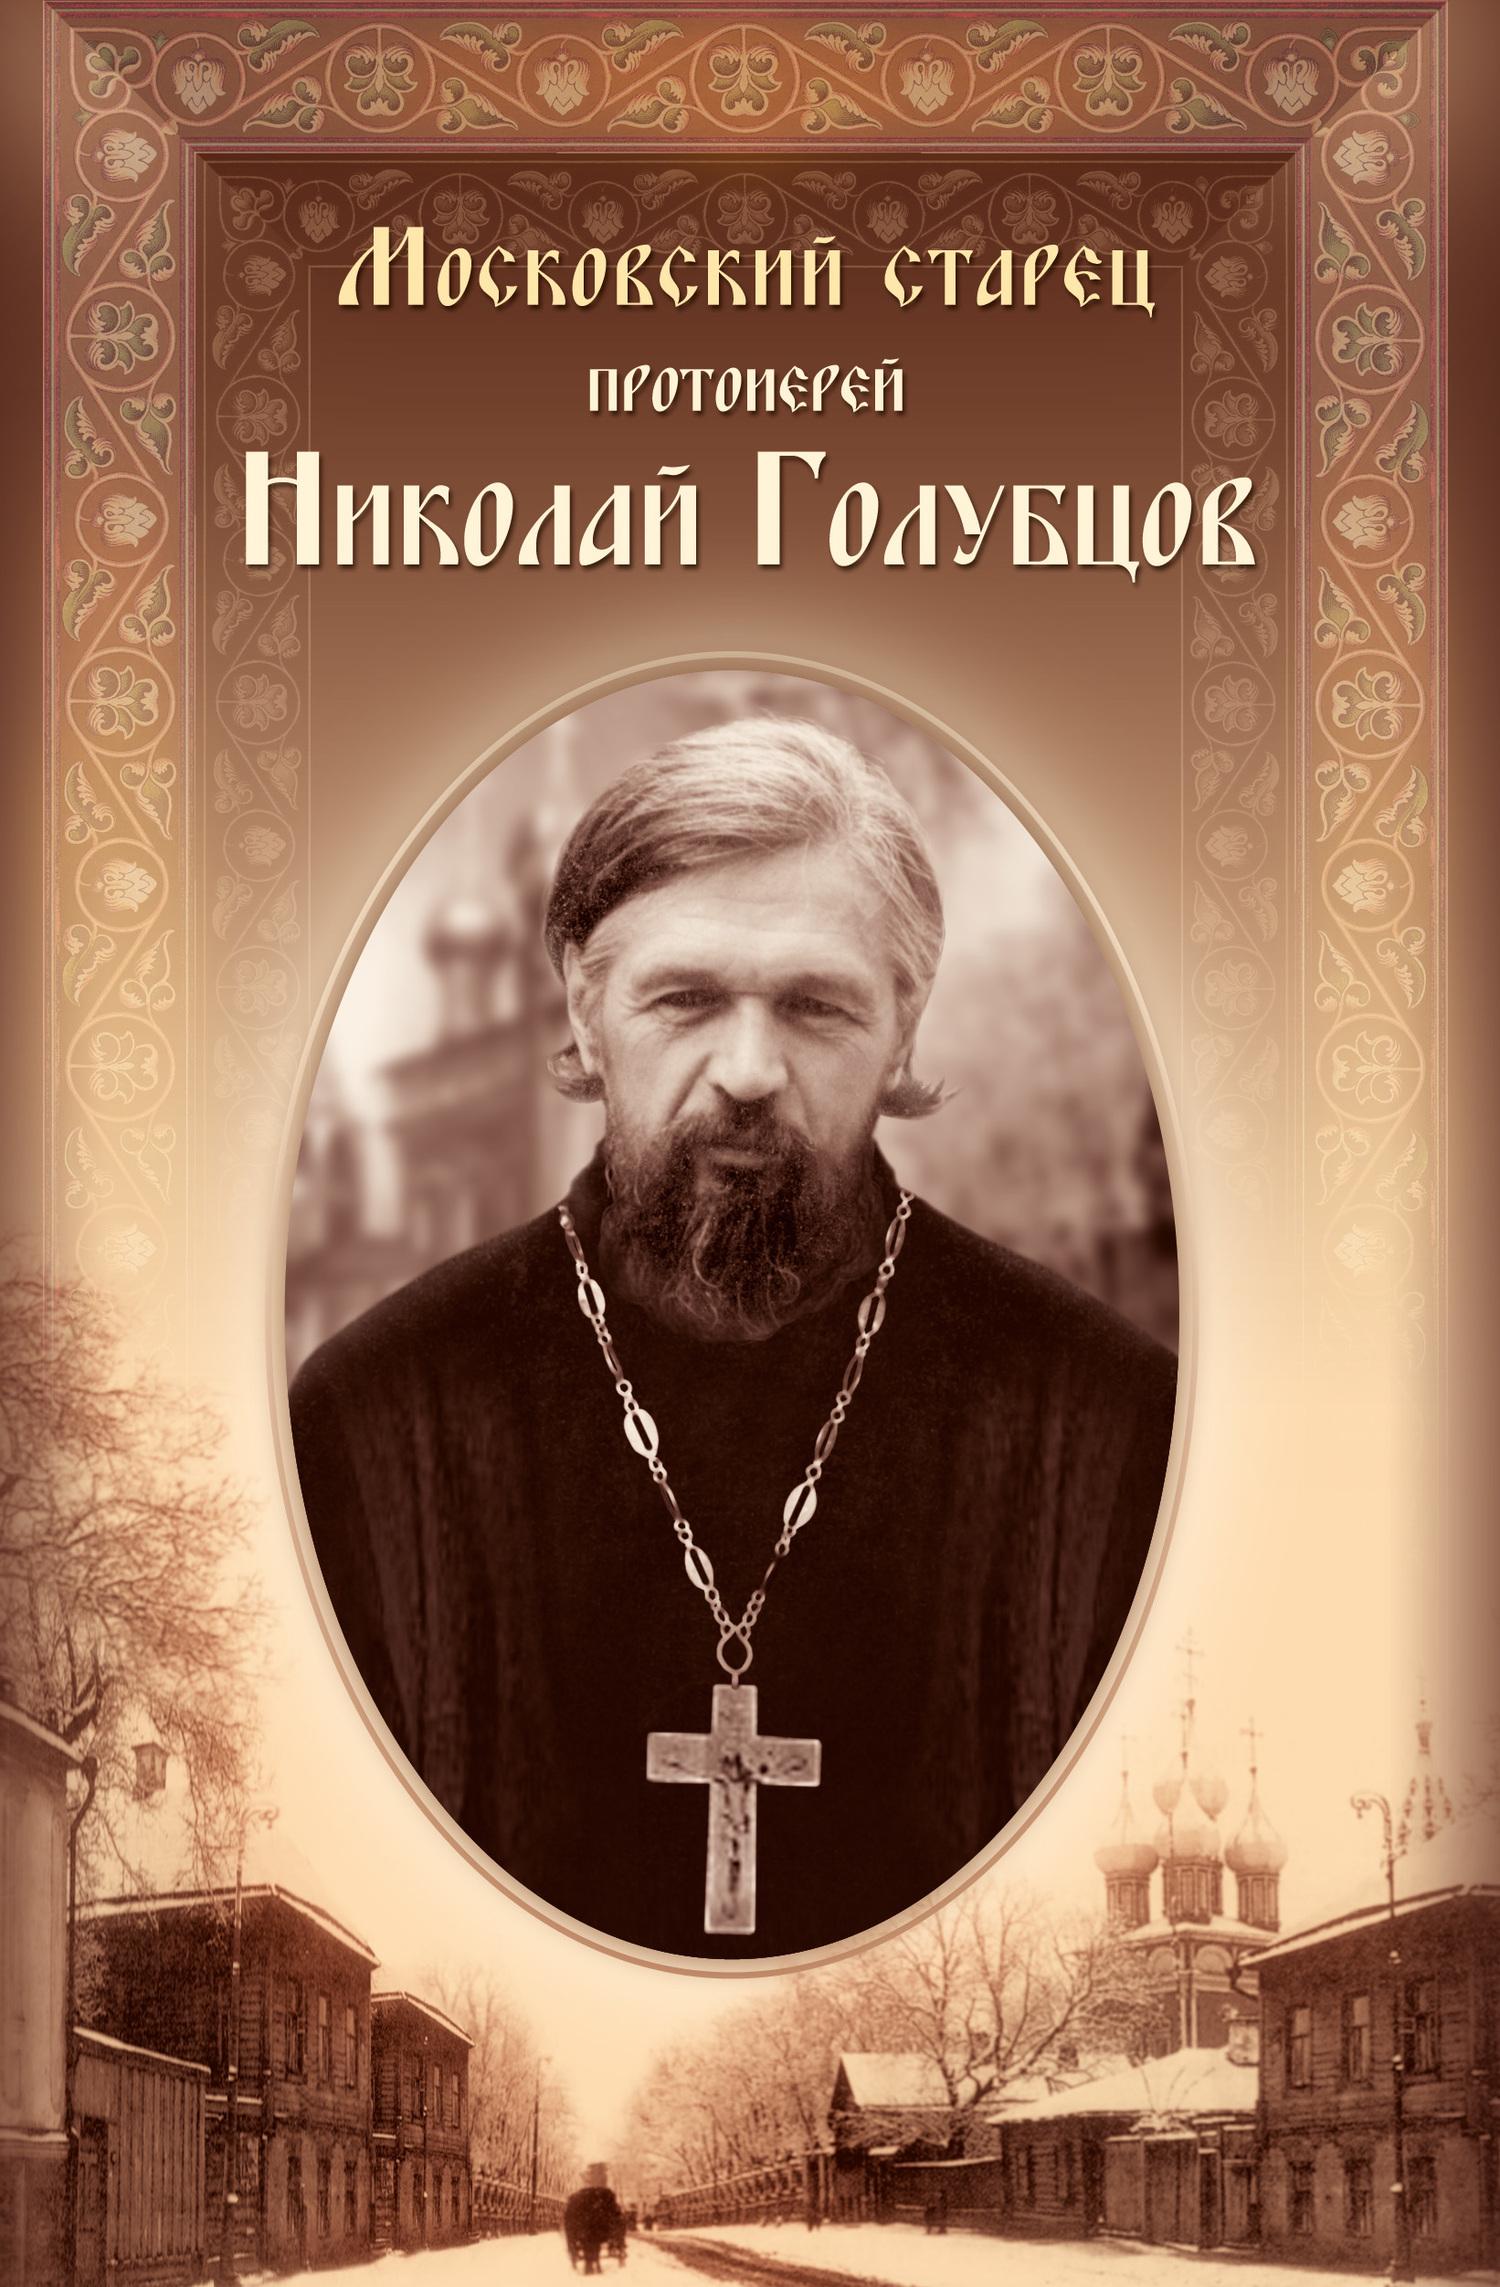 Сборник Московский старец протоиерей Николай Голубцов воспоминания о николае асееве